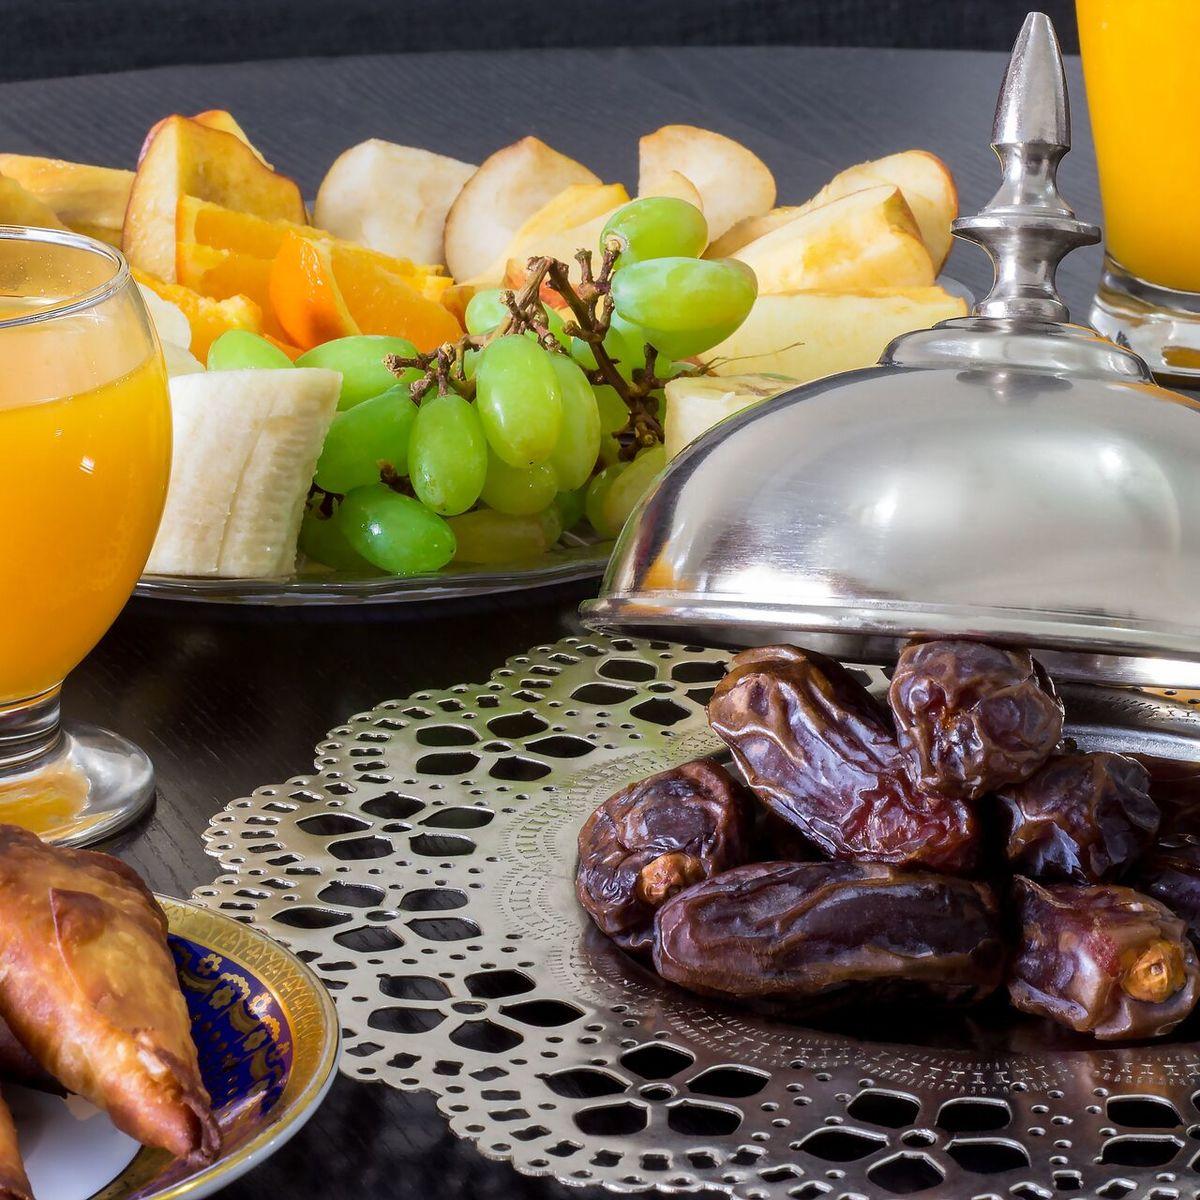 برنامه غذایی ایدهآل در ماه رمضان